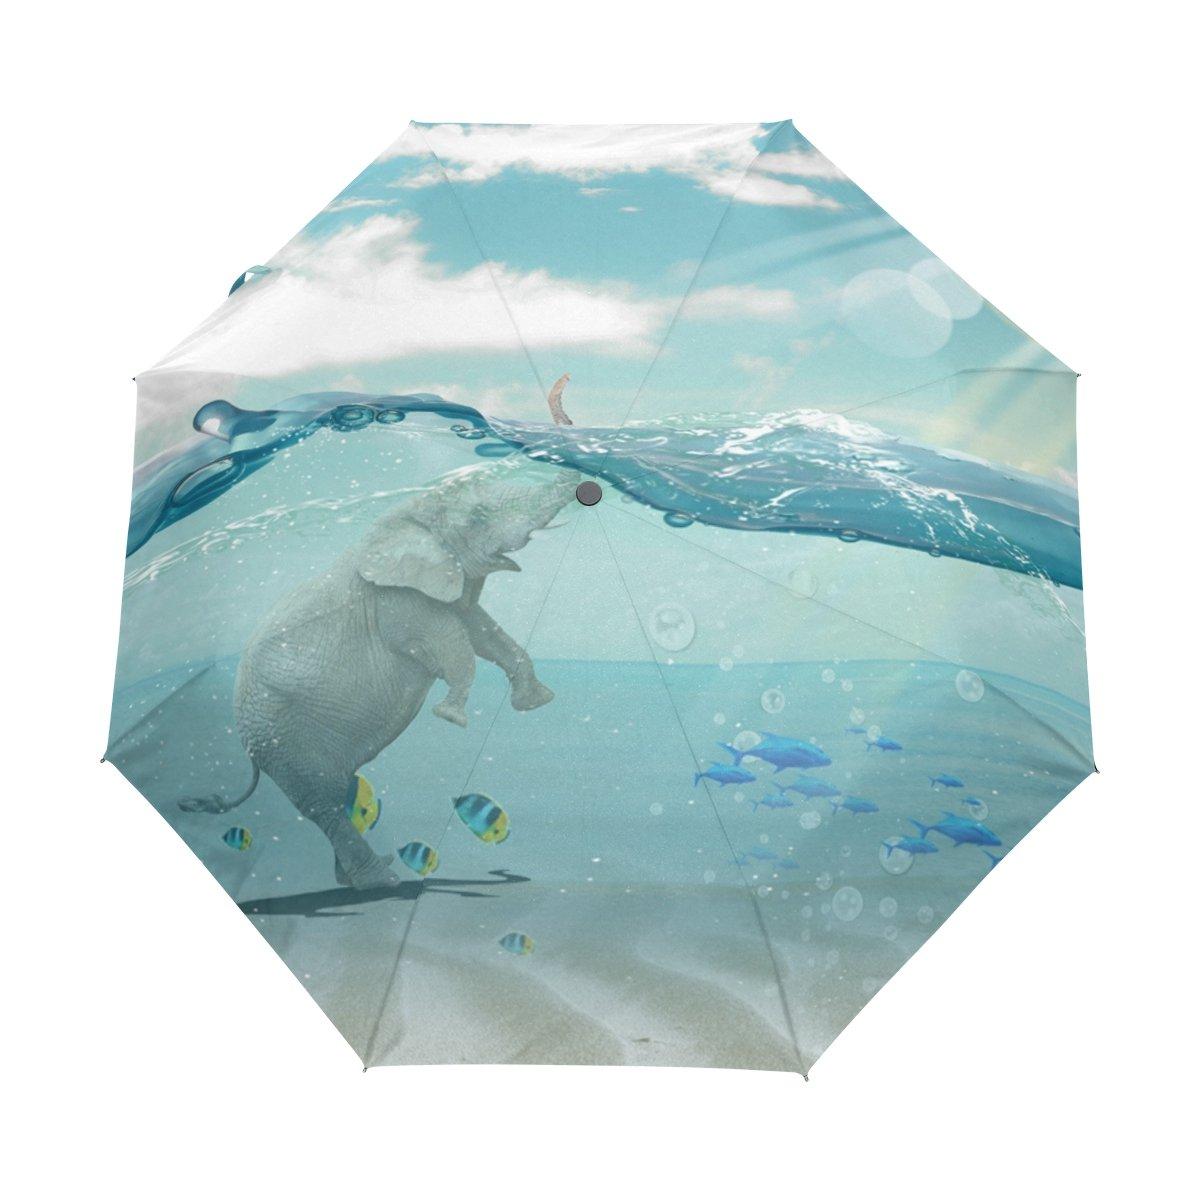 Senya Saobao防風と防雨トラベル傘with自動開いて閉じFolding Elephant and Fishesポータブル折りたたみ式太陽雨傘   B07FM7YD1N